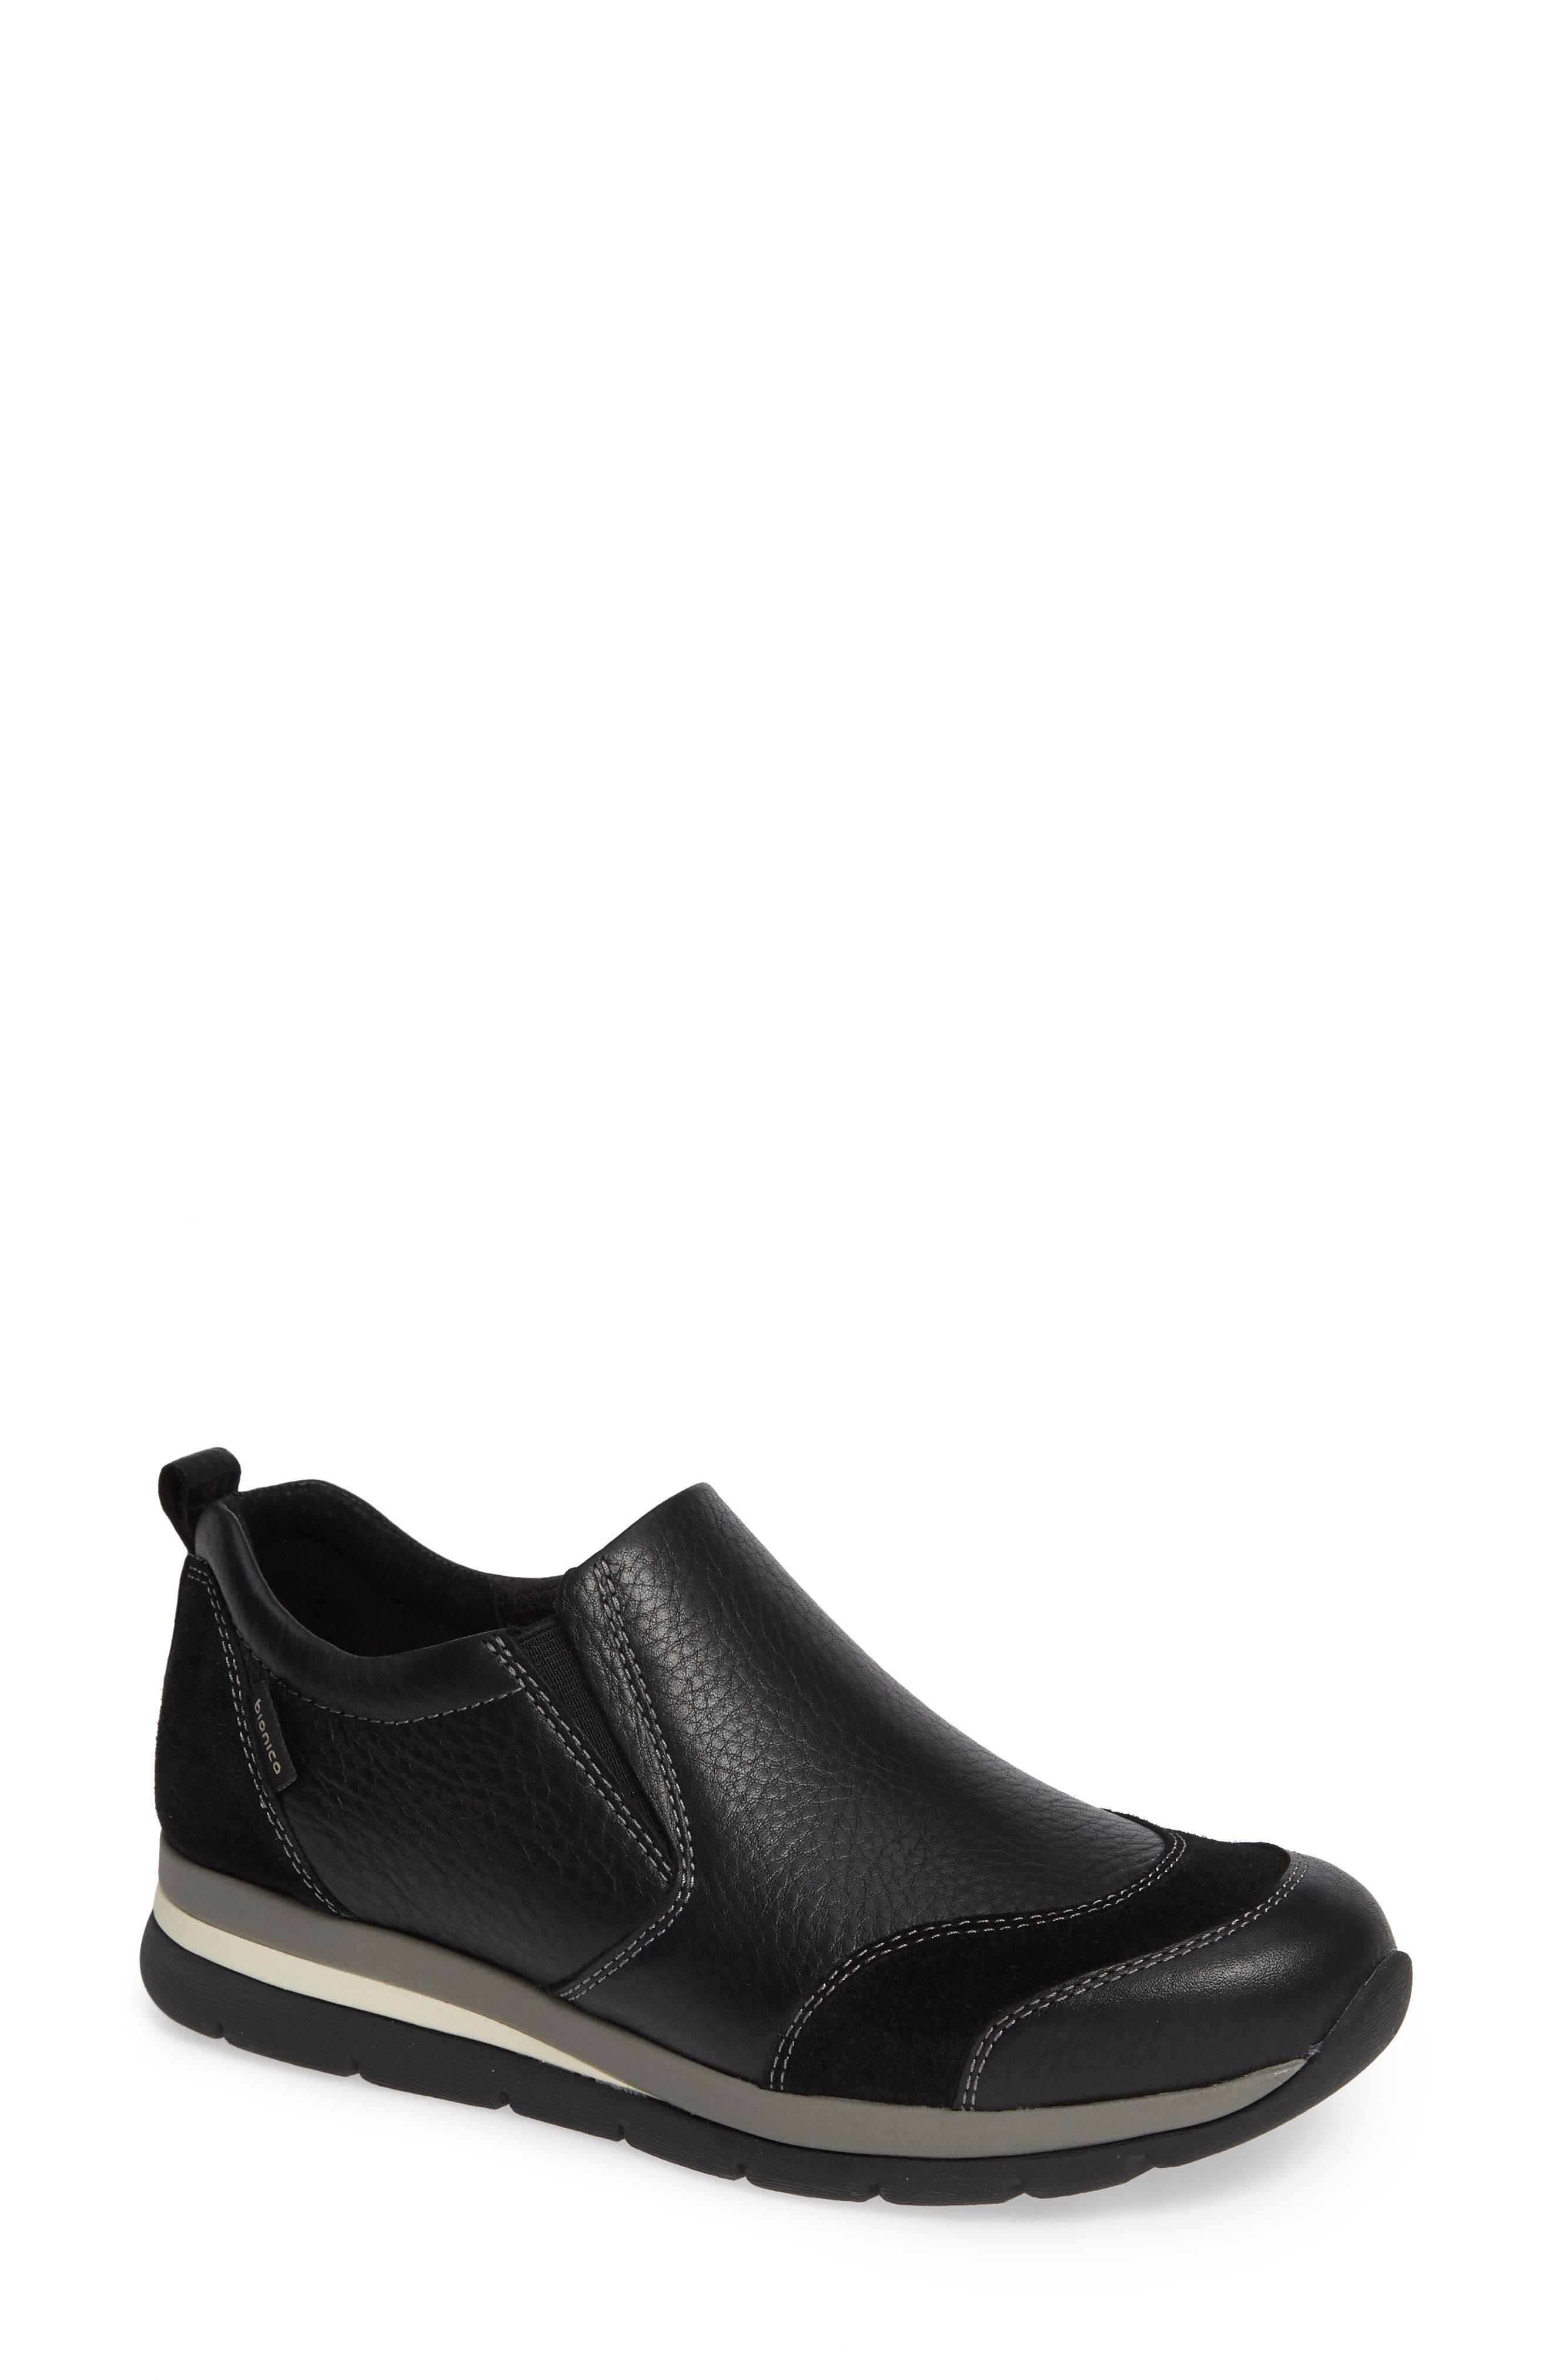 Bionica Talma Waterproof Slip-On Sneaker, Black